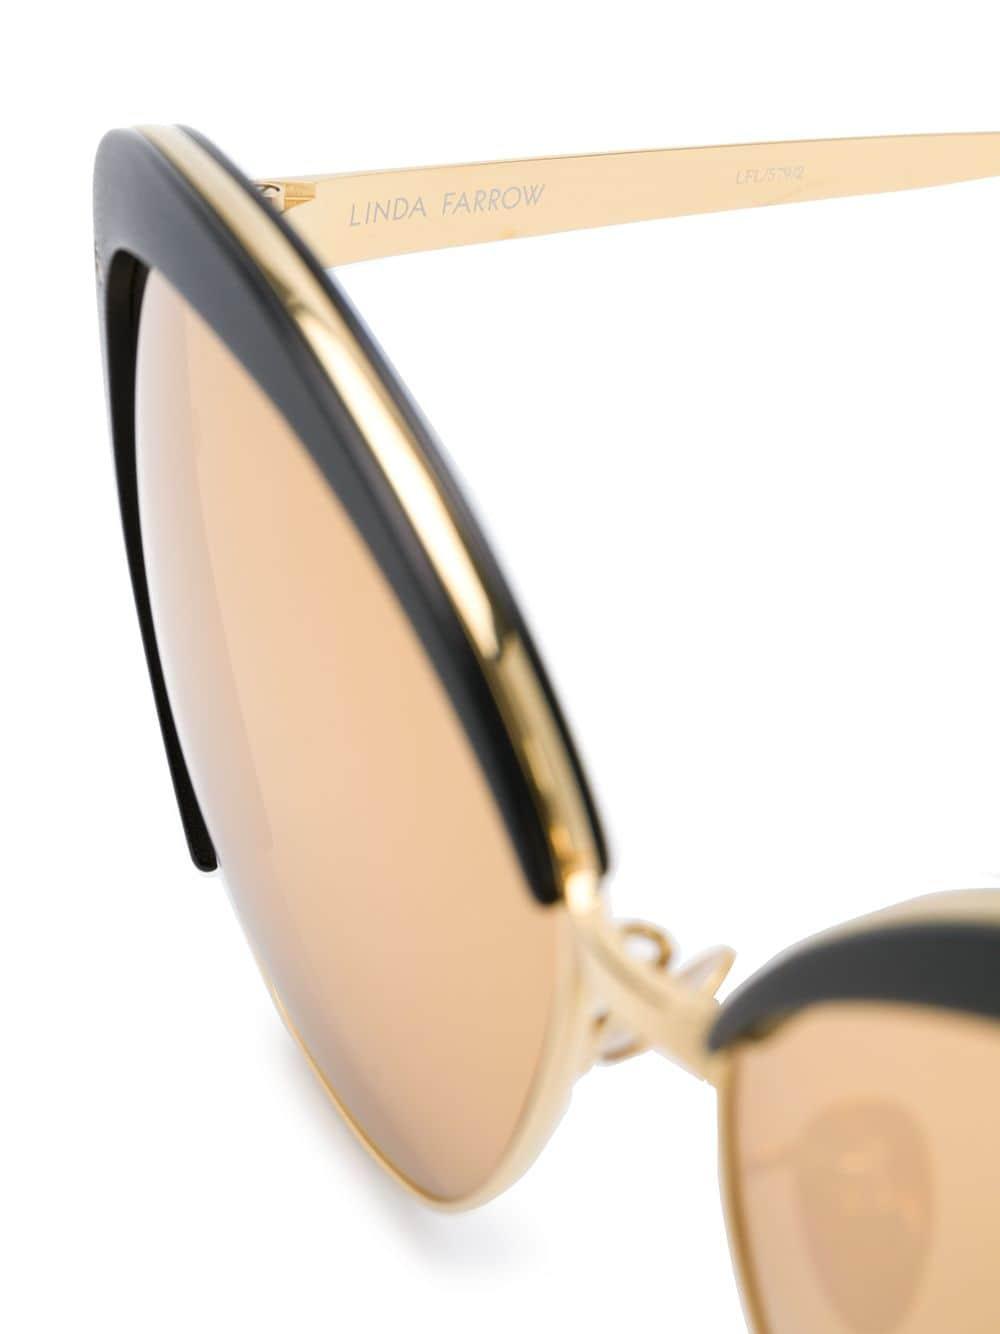 3cd473af89 Gafas - Accesorios y complementos | Buyviu.com